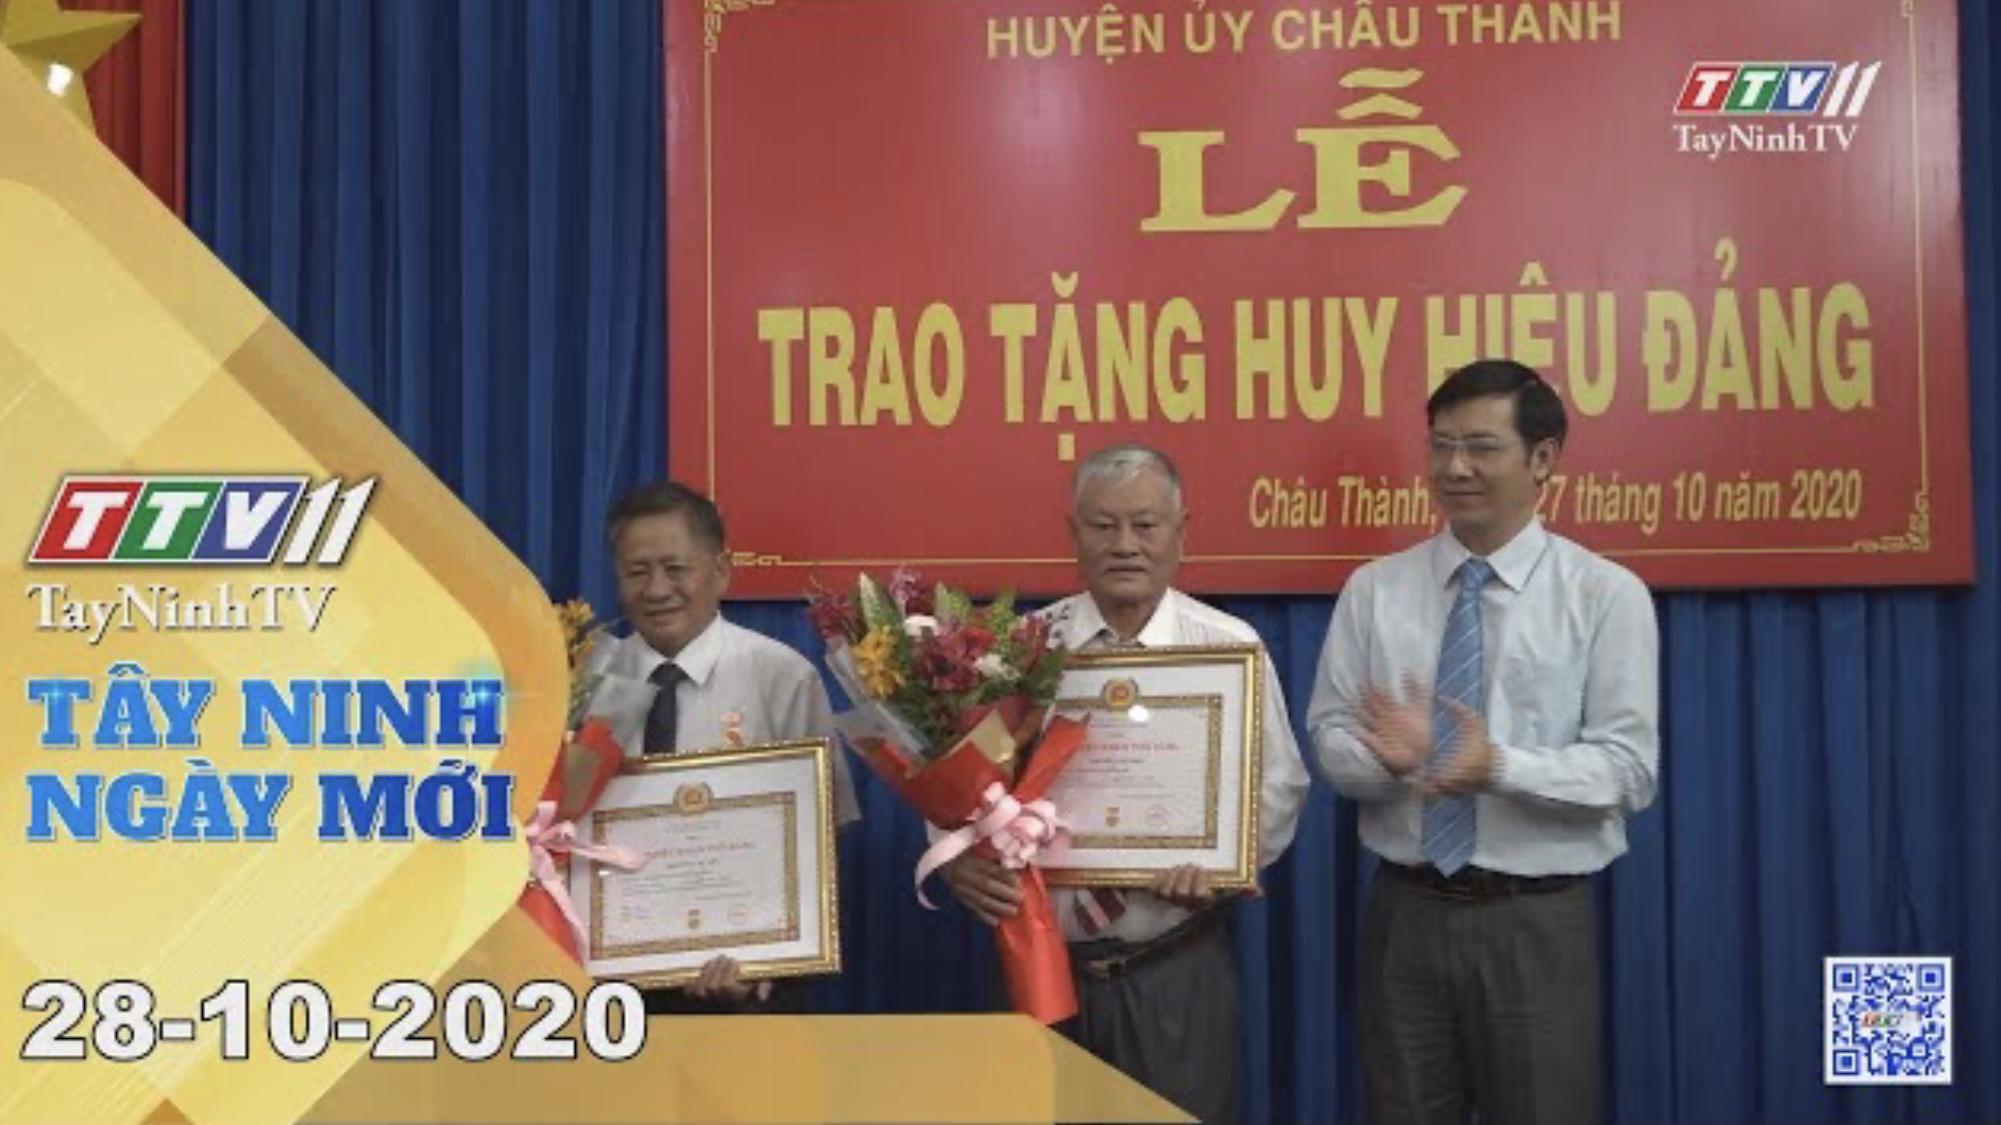 Tây Ninh Ngày Mới 28-10-2020 | Tin tức hôm nay | TayNinhTV